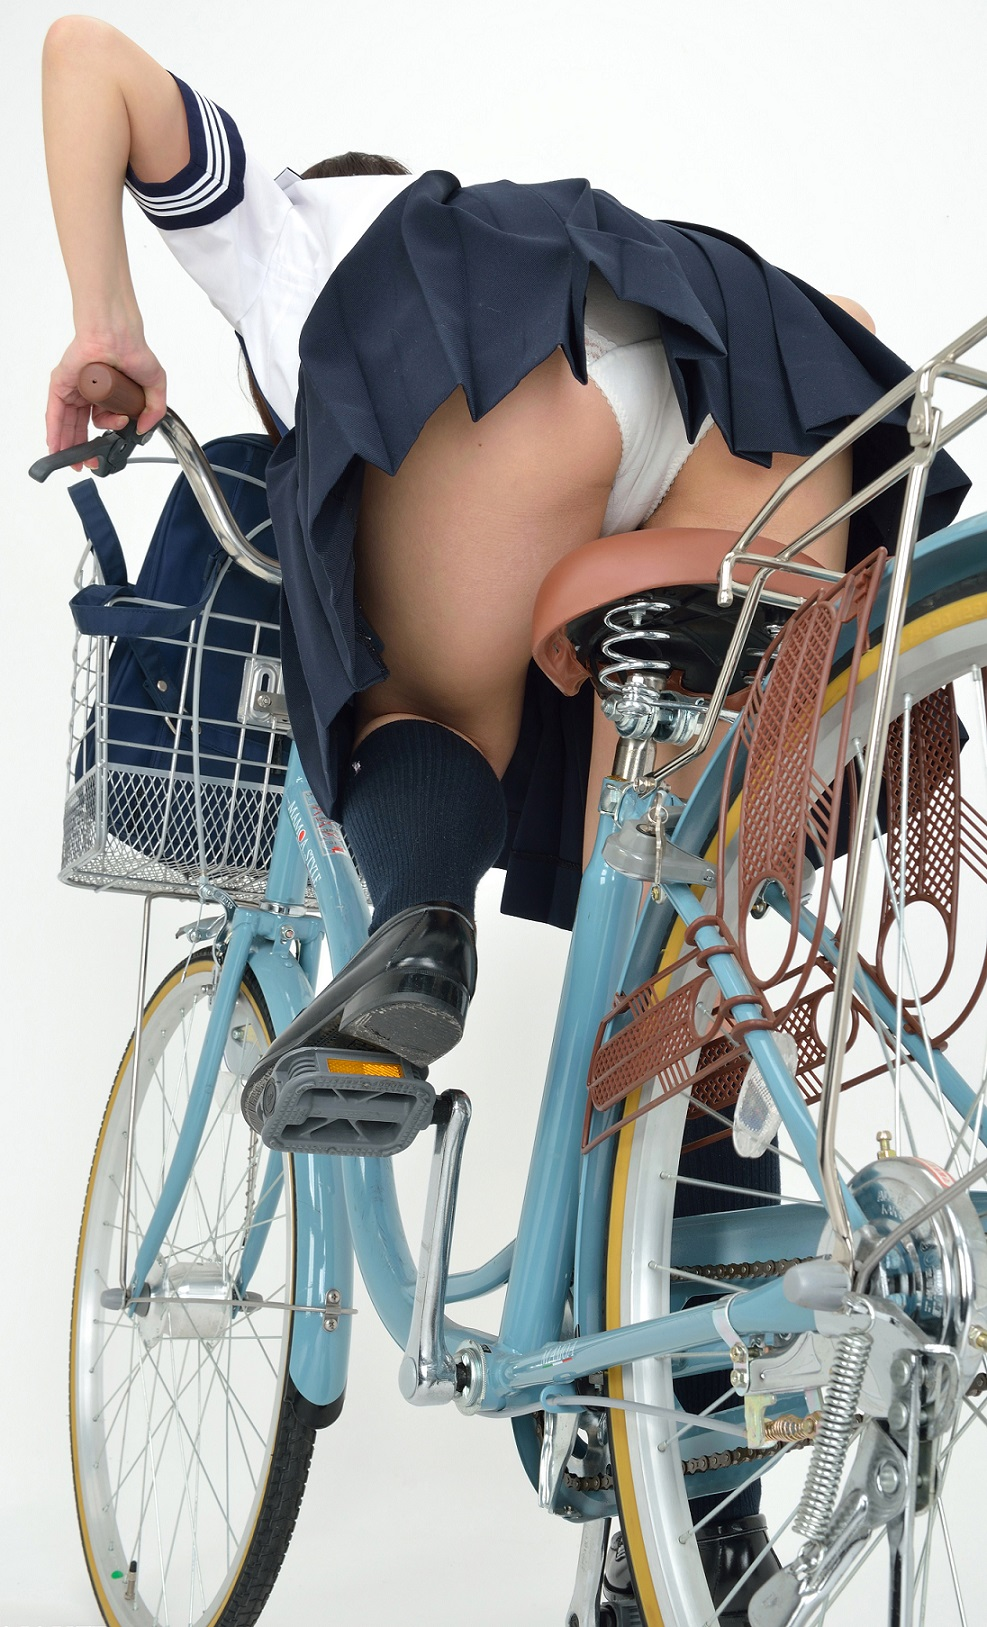 【自転車のエロ画像】サドルになりたくはないけど敷かれたい気持ちは理解したwww自転車に乗ったエロ尻  09